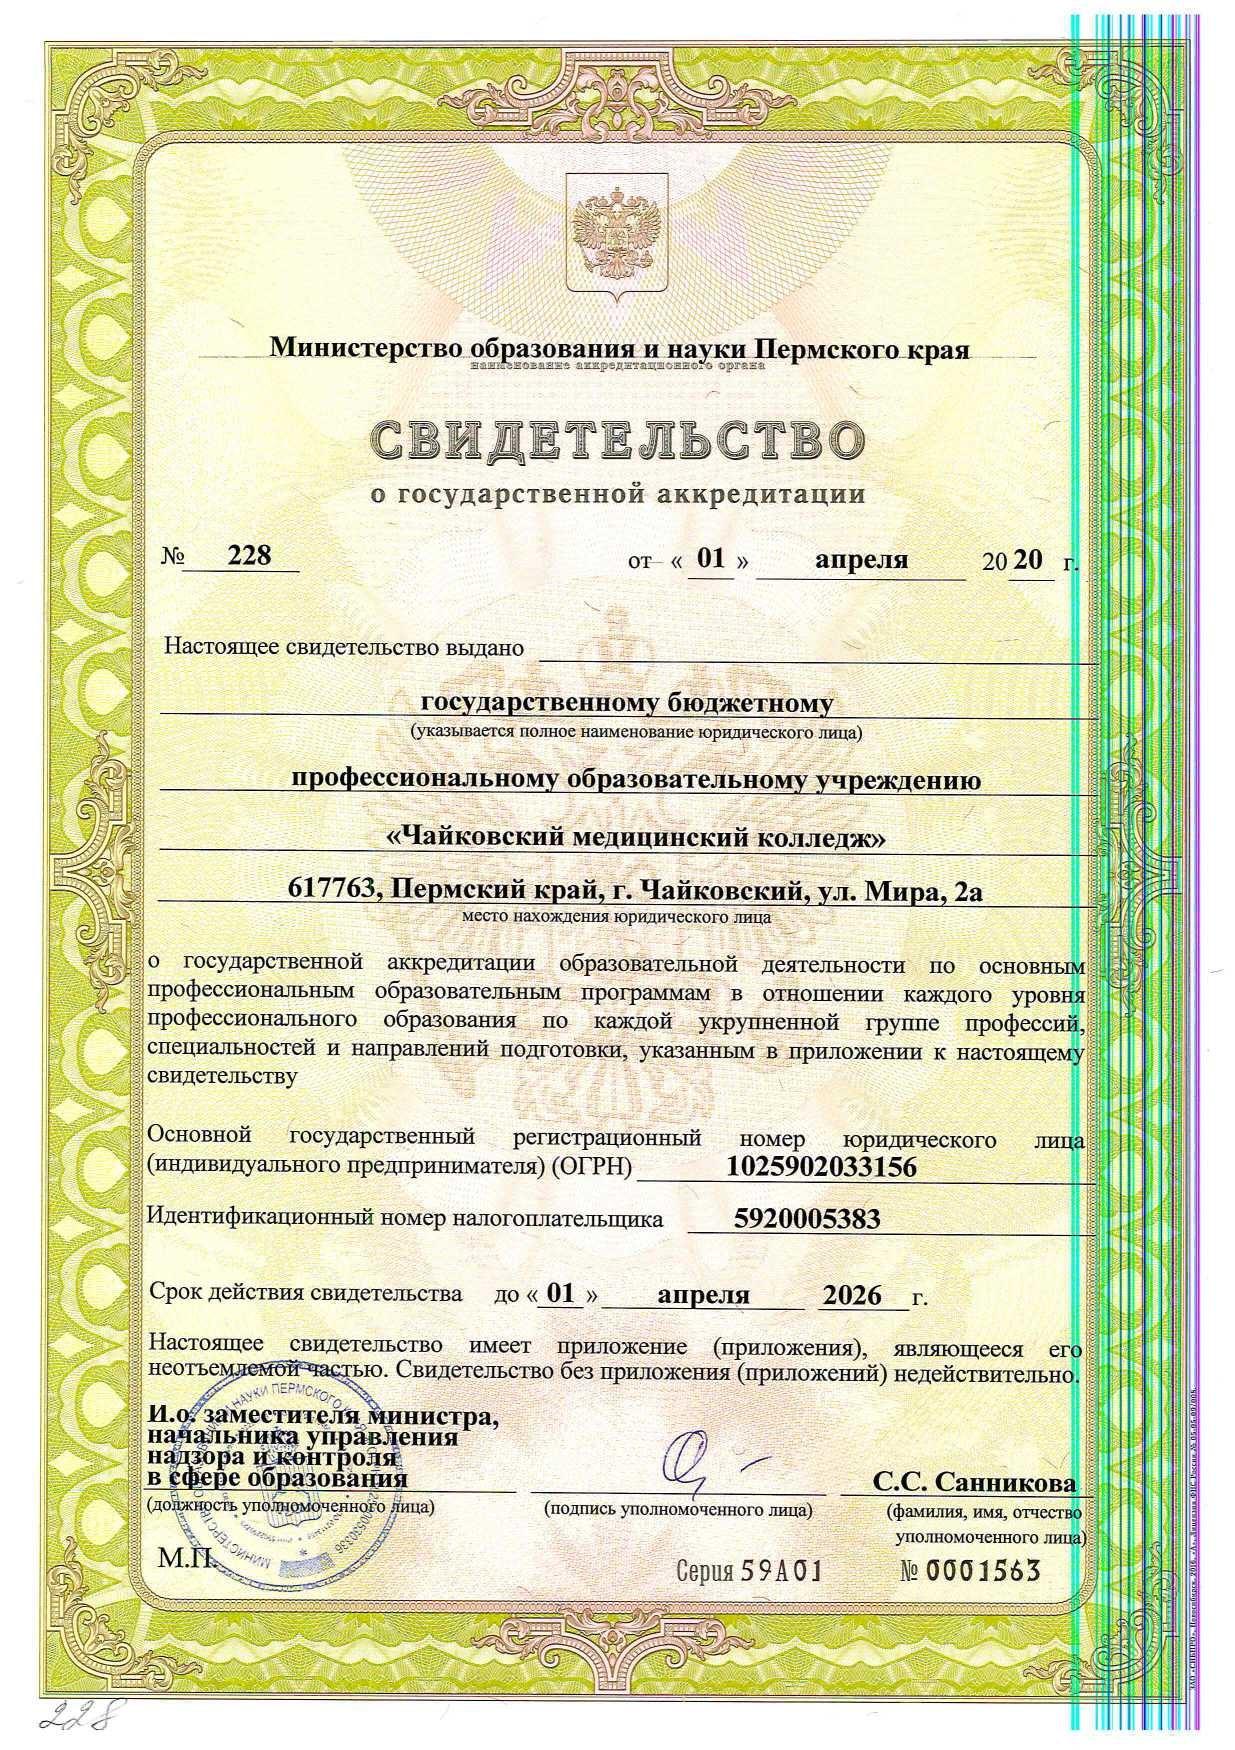 Свидетельство о государственной аккредитации _2019 год_Страница_1.jpg